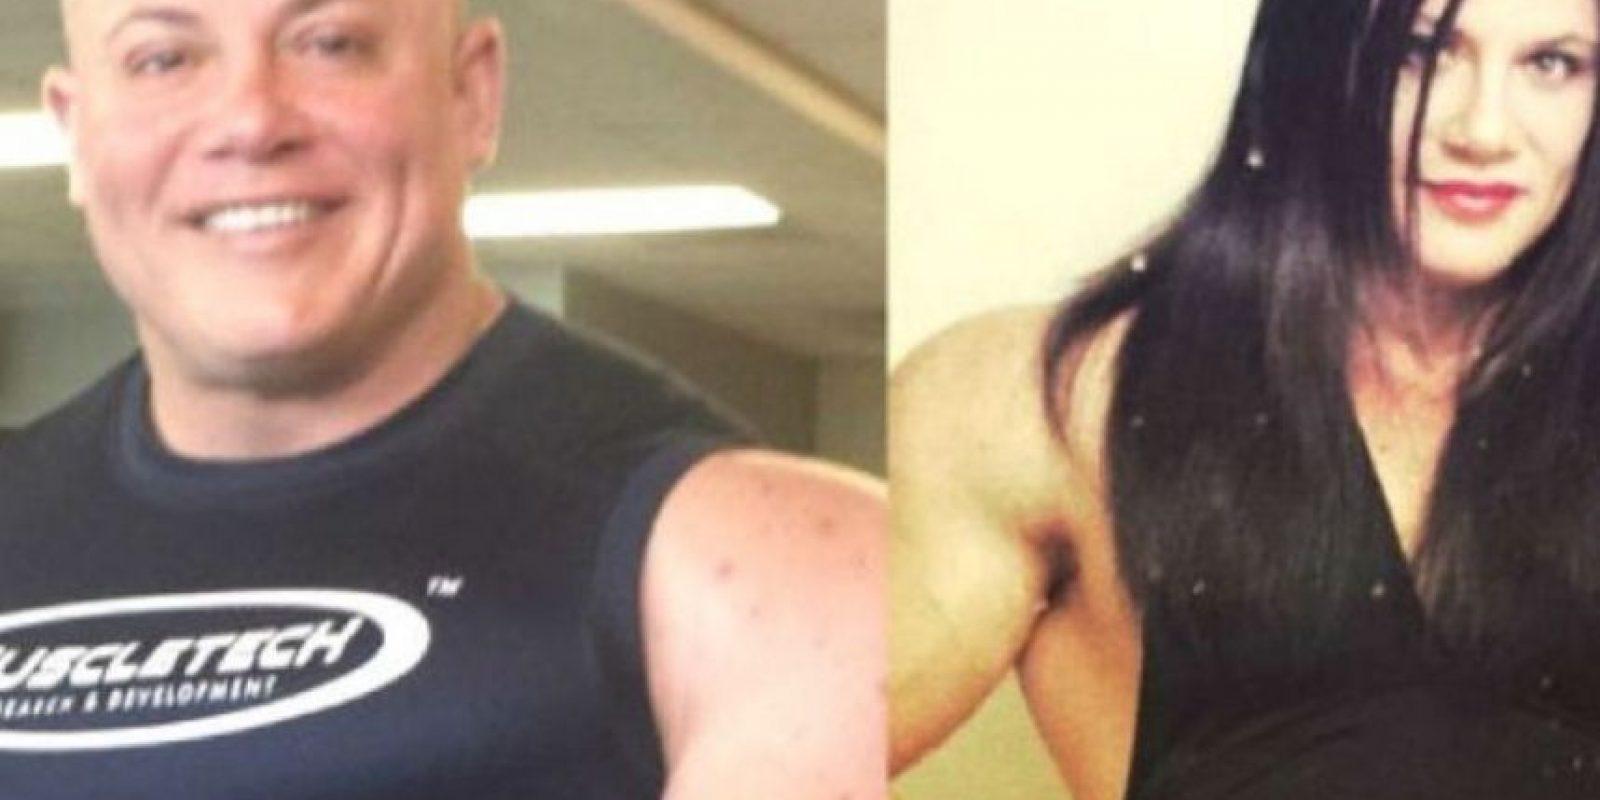 El exlevantador de pesas y también fisicoculturista Matthew Kroczaleski –mejor conocido como Matt Kroc– se presentó en redes sociales con su nueva apariencia tras someterse a un cambio de sexo. Ahora es Janae Kroc. Foto:Vía Instagram/@mattkroc